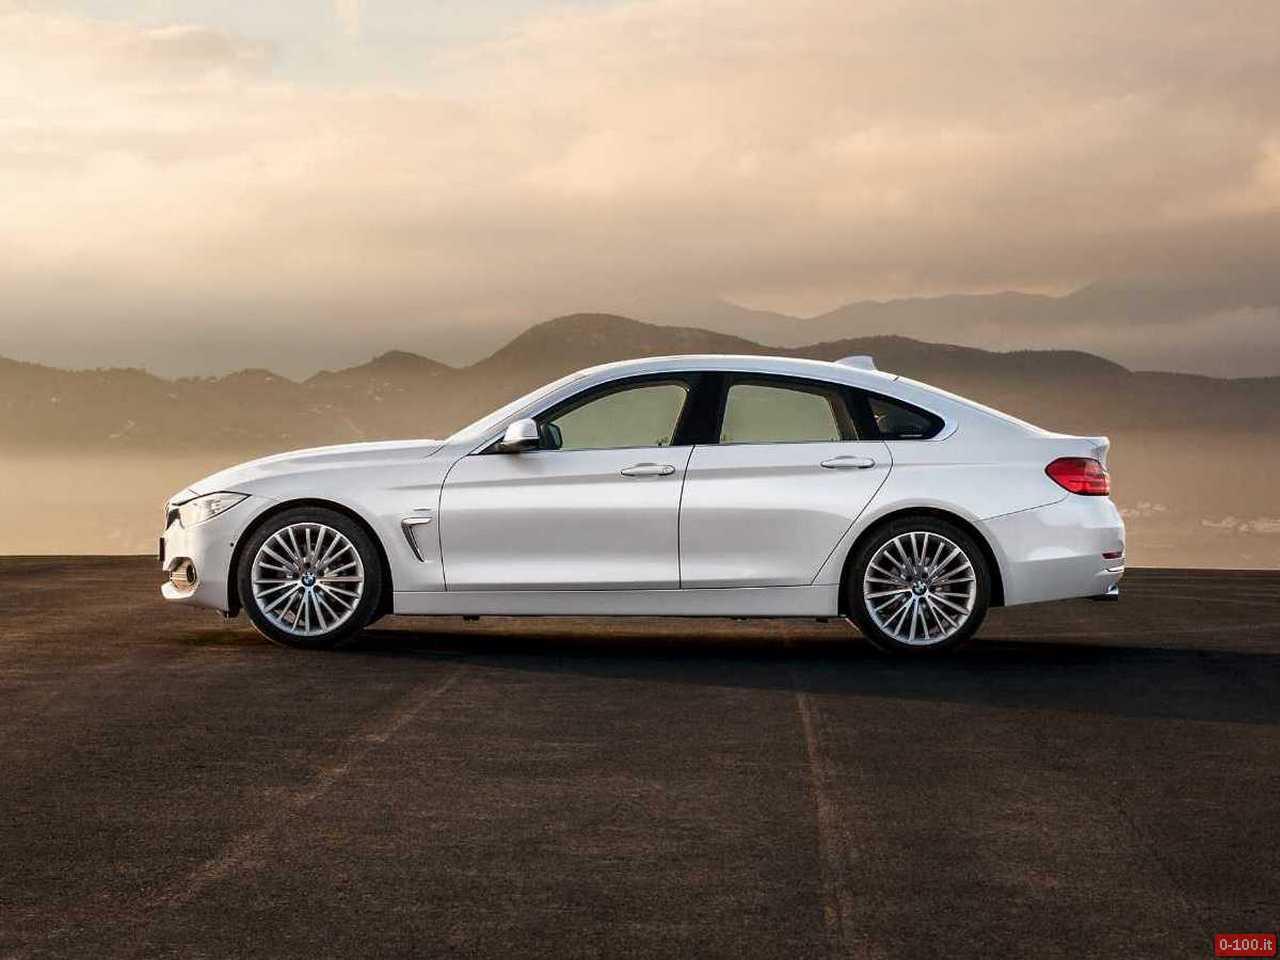 bmw-serie-4-gran-coupe-prezzo-price-ginevra-geneve-2014-0-100_61